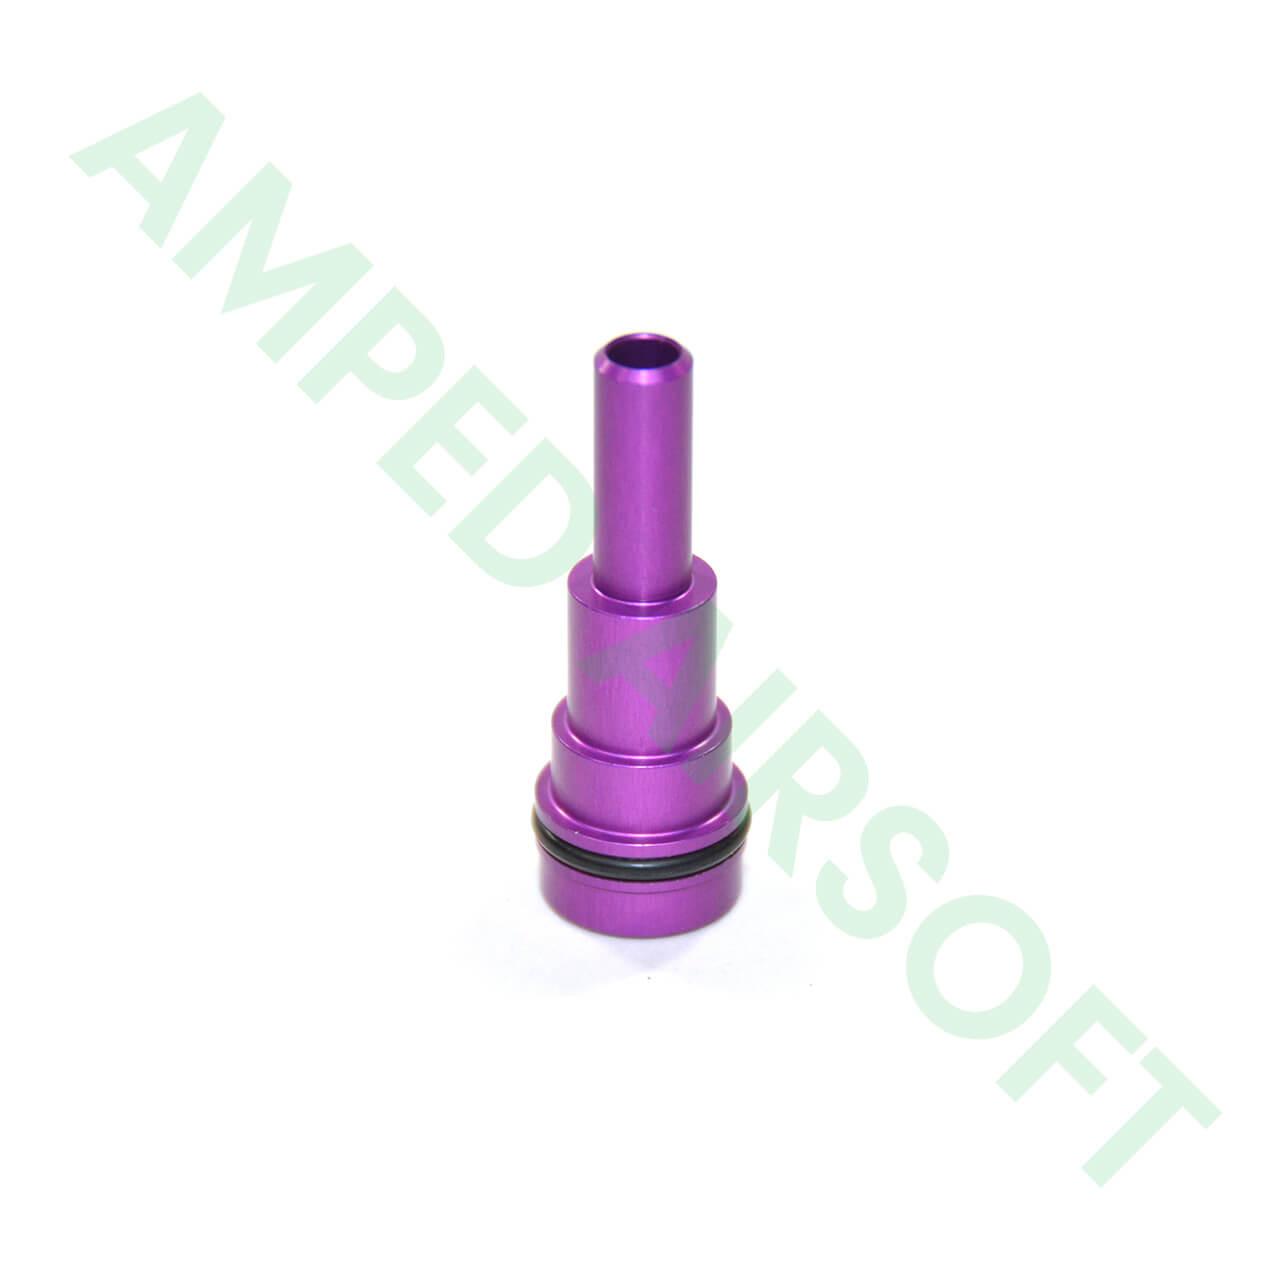 Amped Custom - Fusion Engine Plus Nozzle for M4 (Purple)